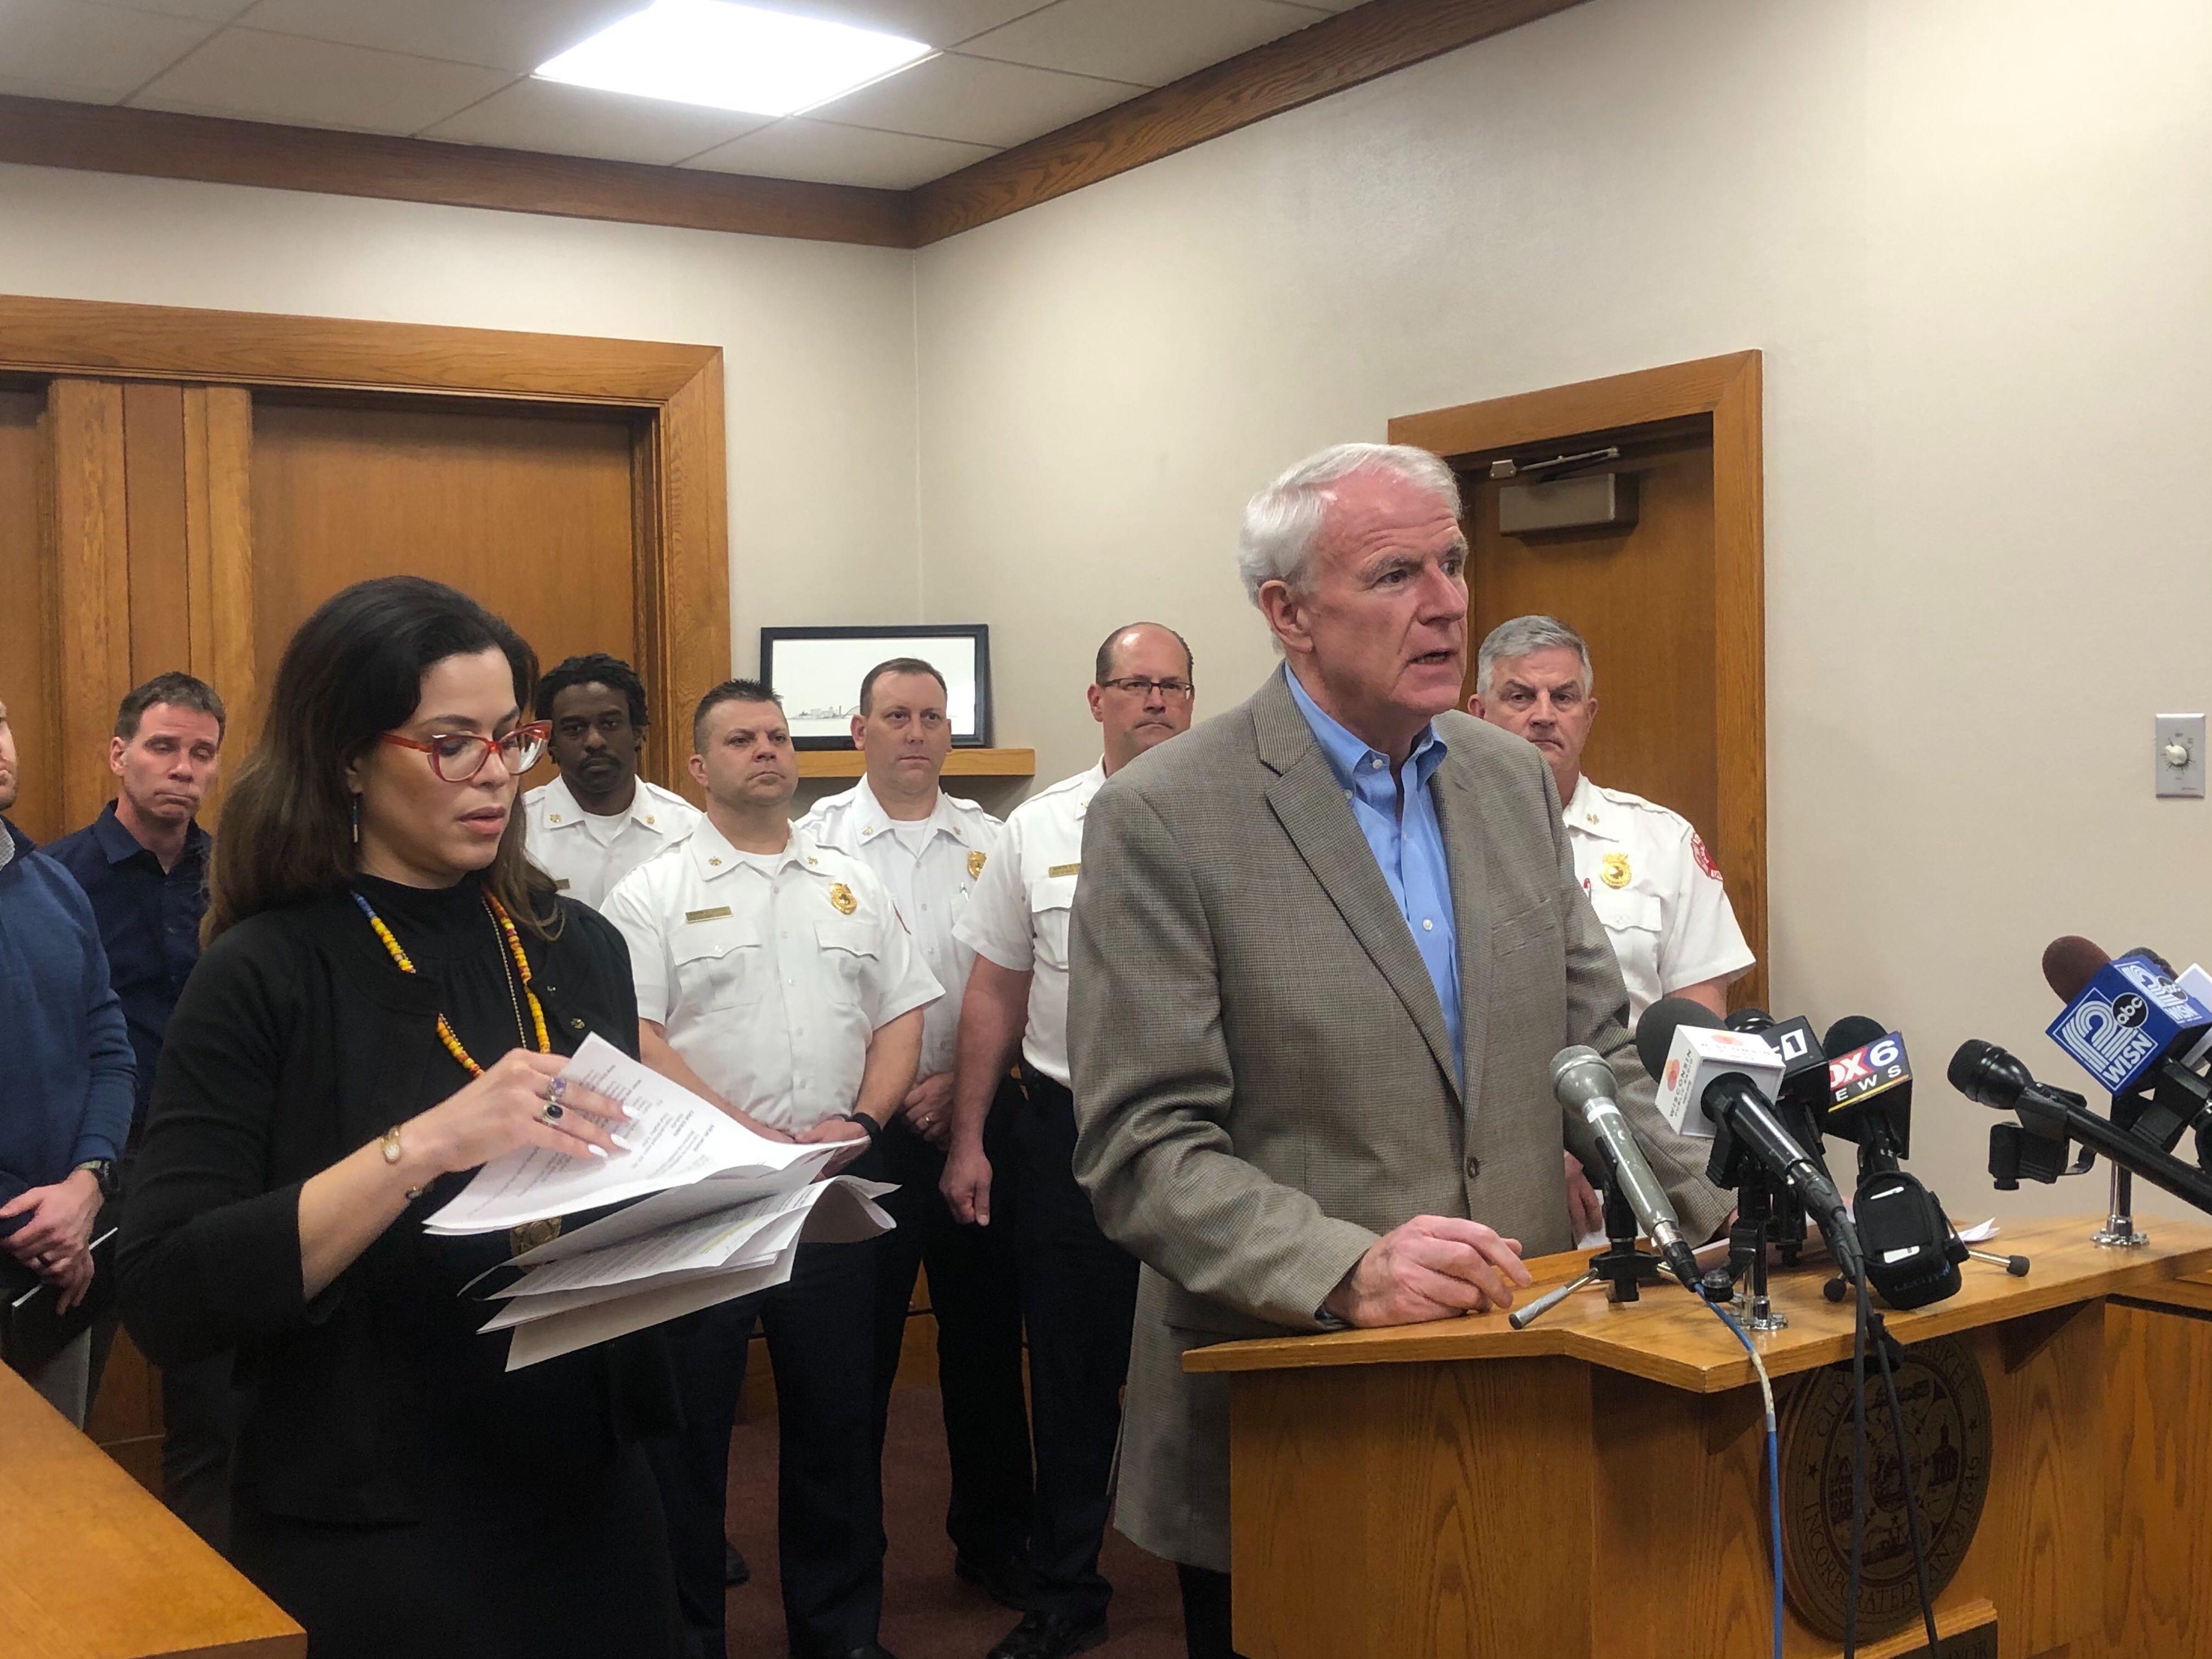 Mayor Tom Barrett addresses the media alongside Health Commissioner Jeanette Kowalik. Photo by Jeramey Jannene.